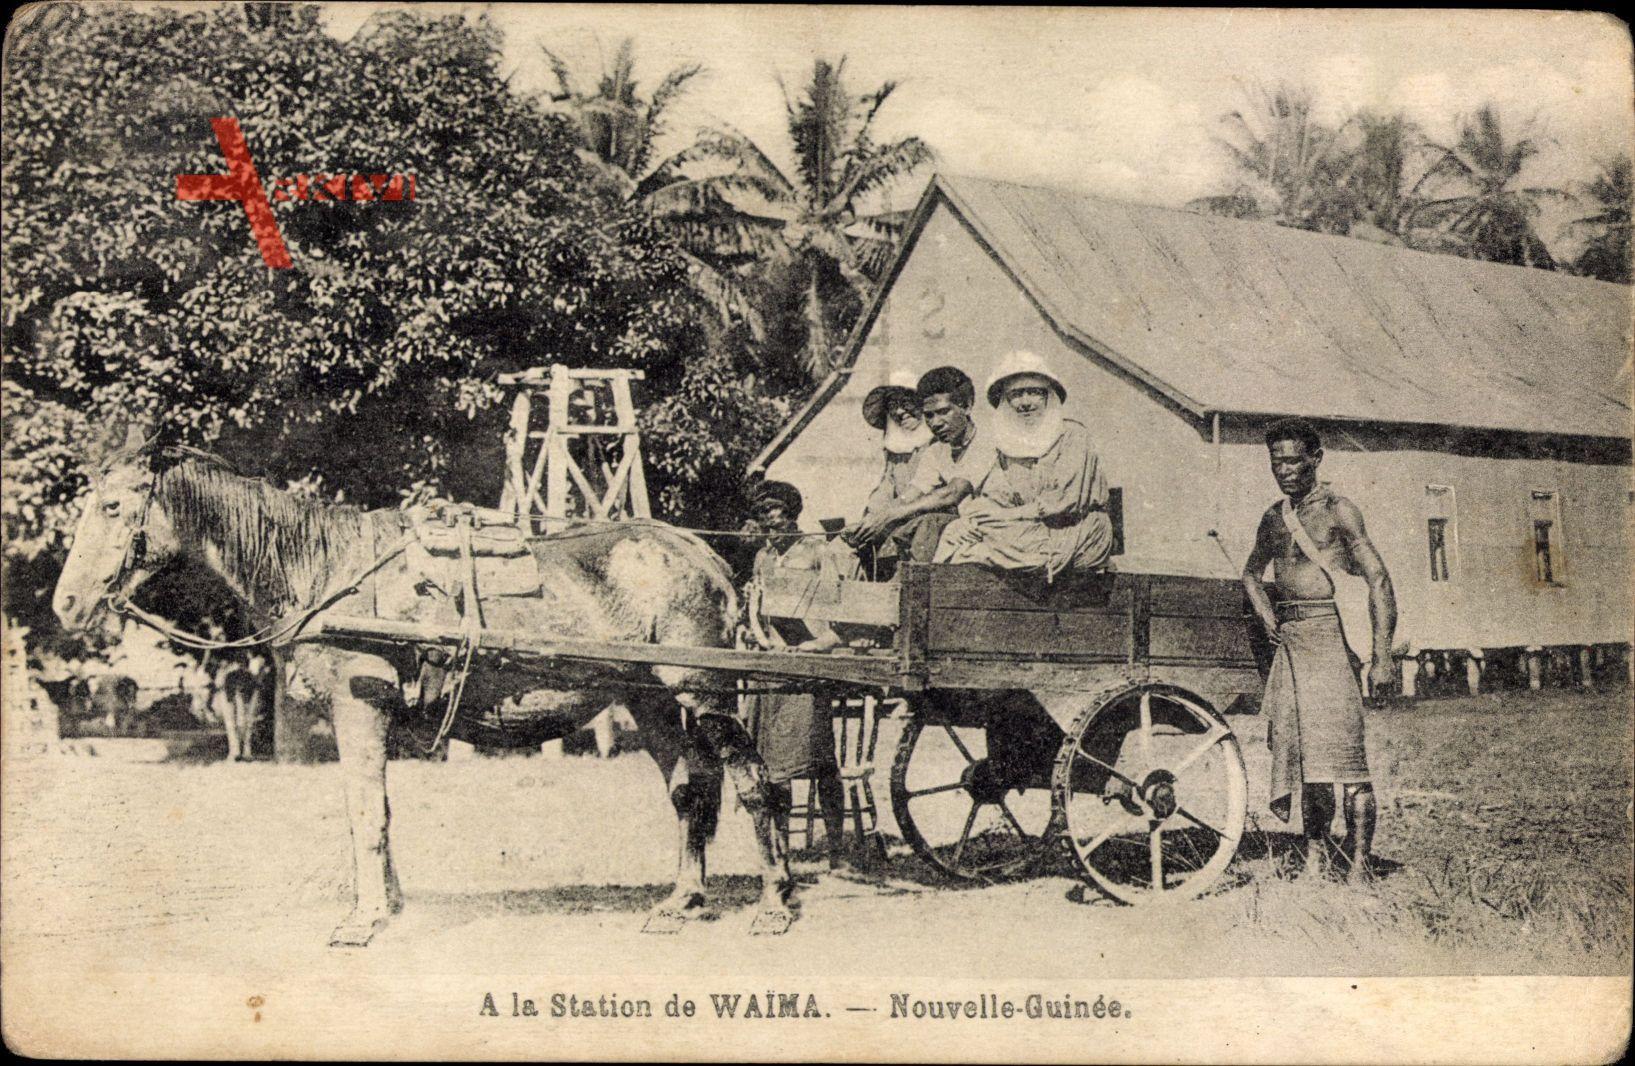 Waima Papua Neuguinea, A la station, Einheimische in einer Kutsche